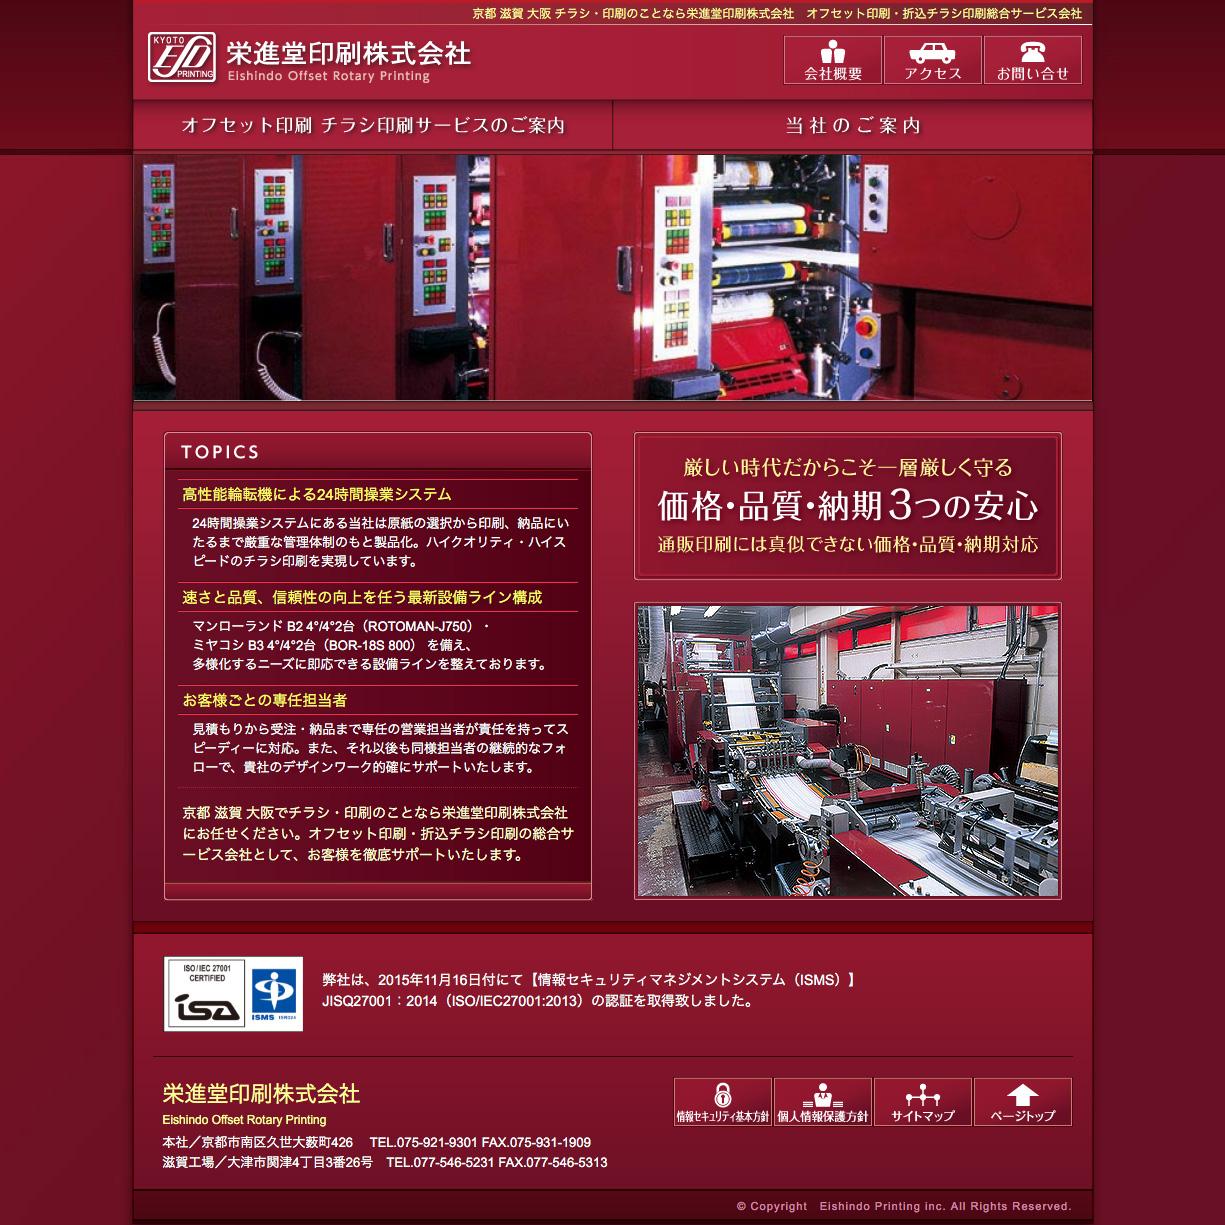 栄進堂印刷株式会社 ウェブサイト